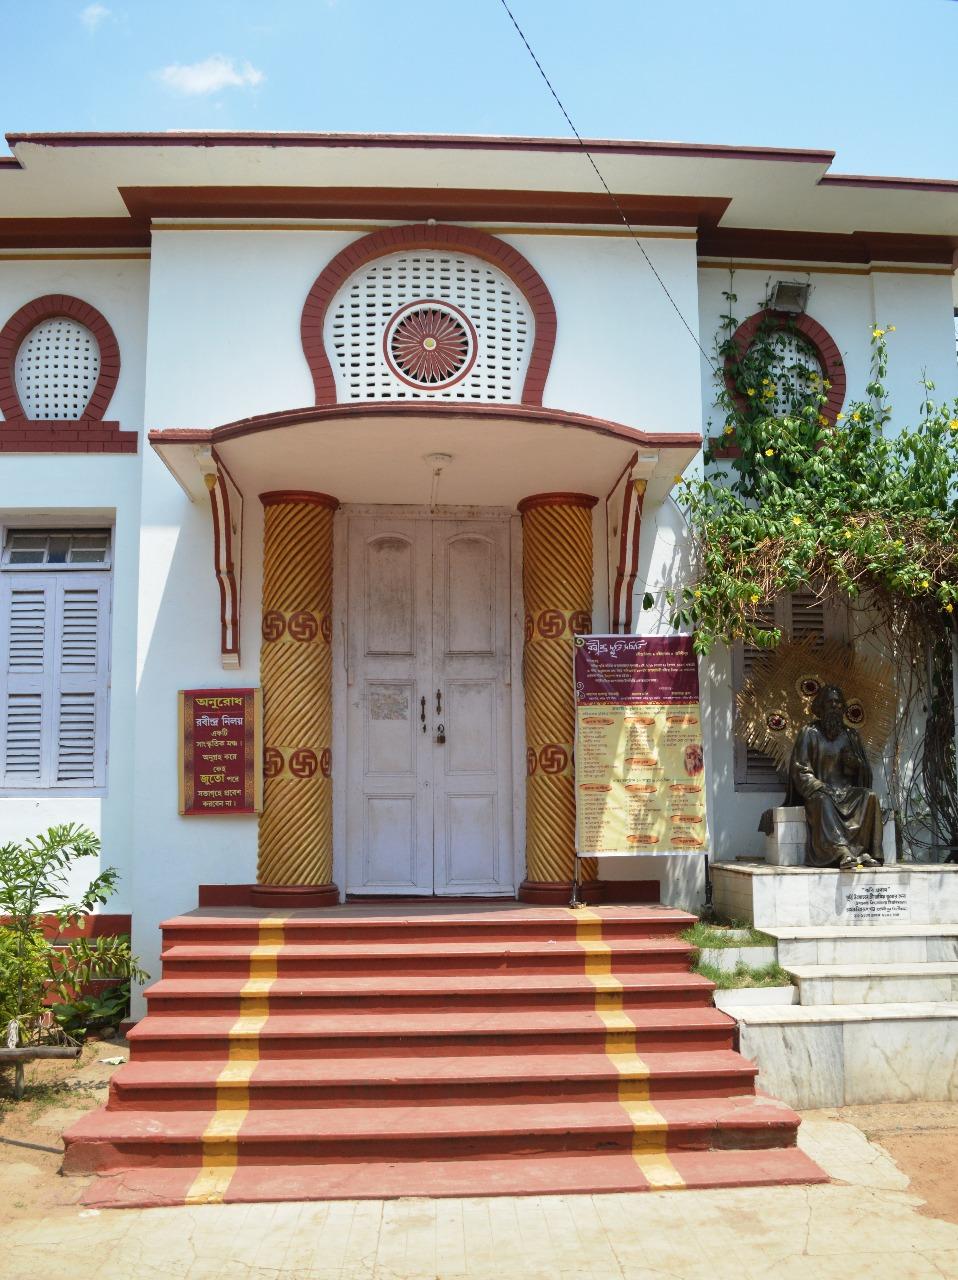 গৌরবময় ৭৫ বছরে মেদিনীপুরের রবীন্দ্র স্মৃতি সমিতি